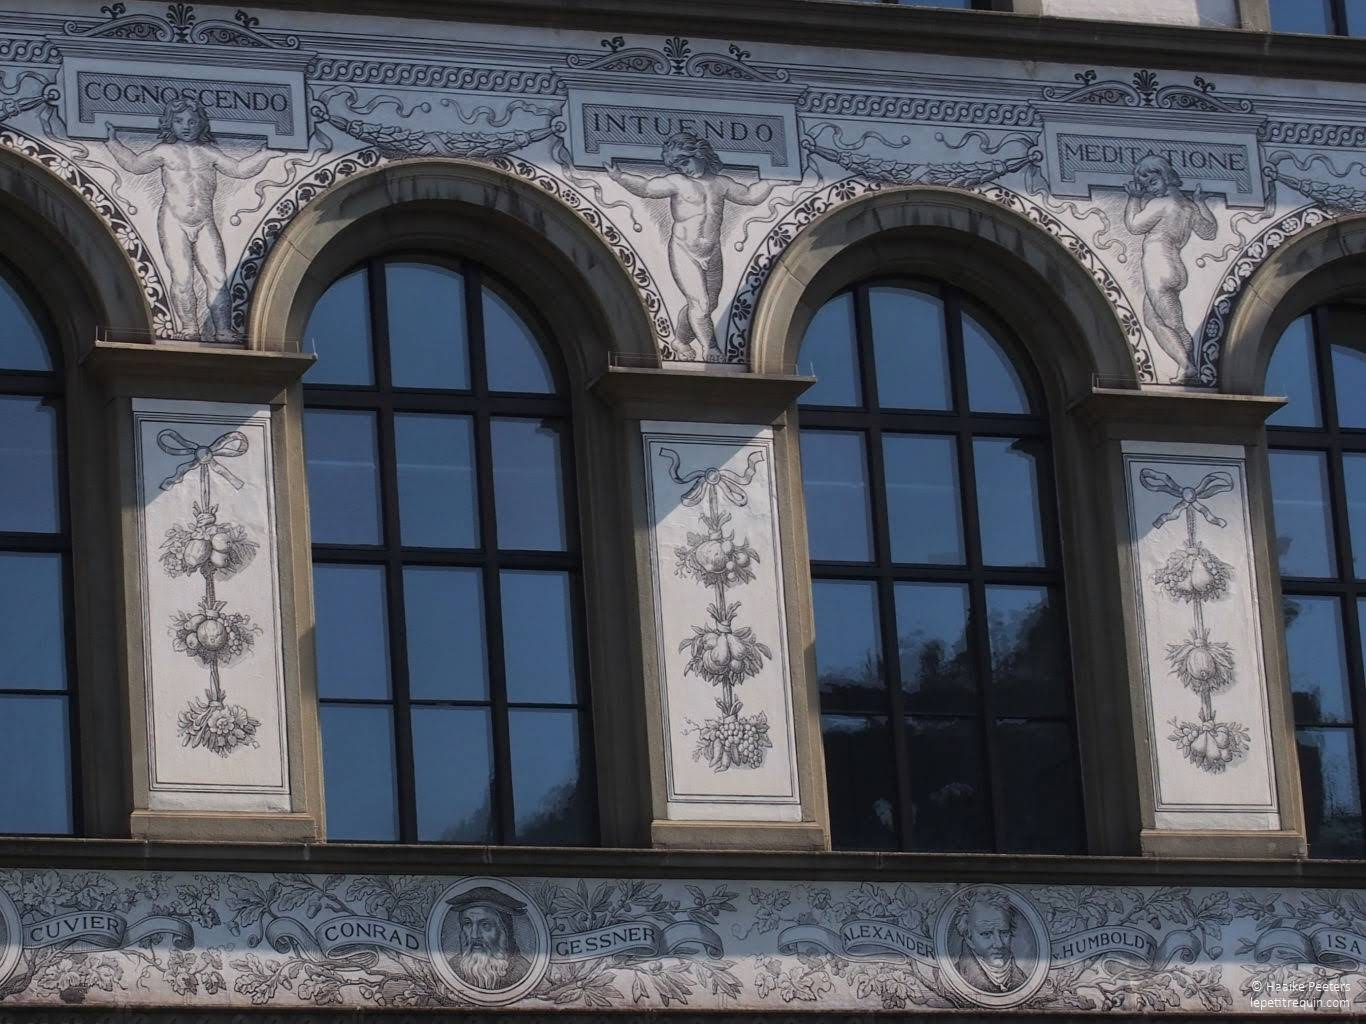 ETH Hauptgebäude Zürich (Le petit requin)